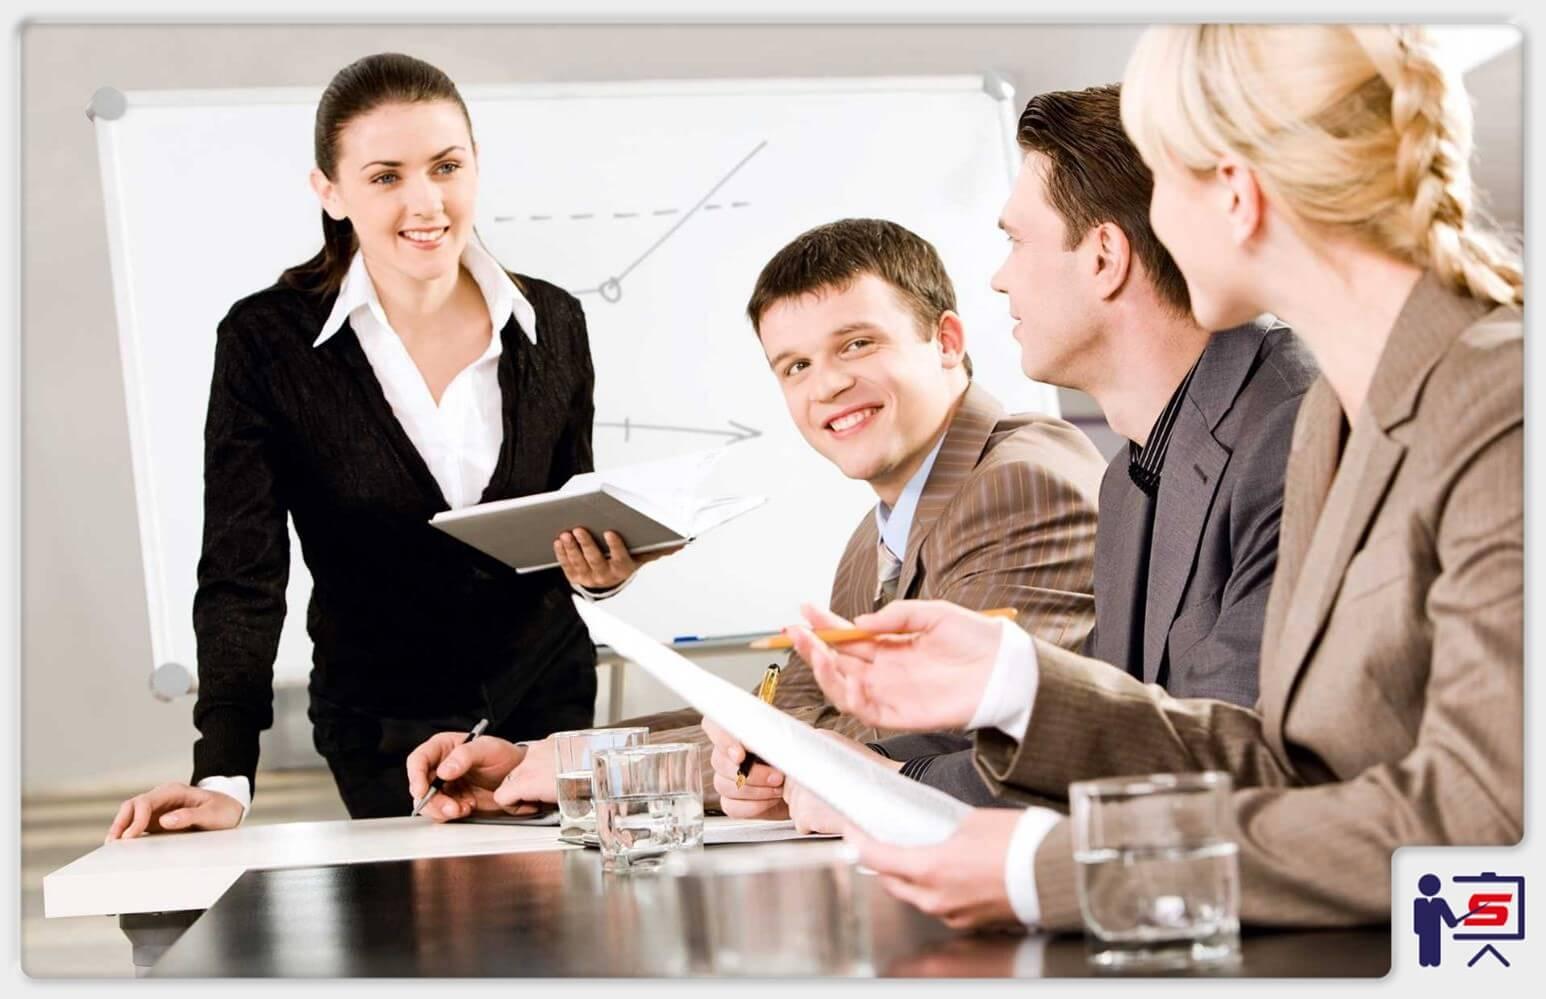 Liderança Estratégica para Gerentes, Coordenadores e Supervisores